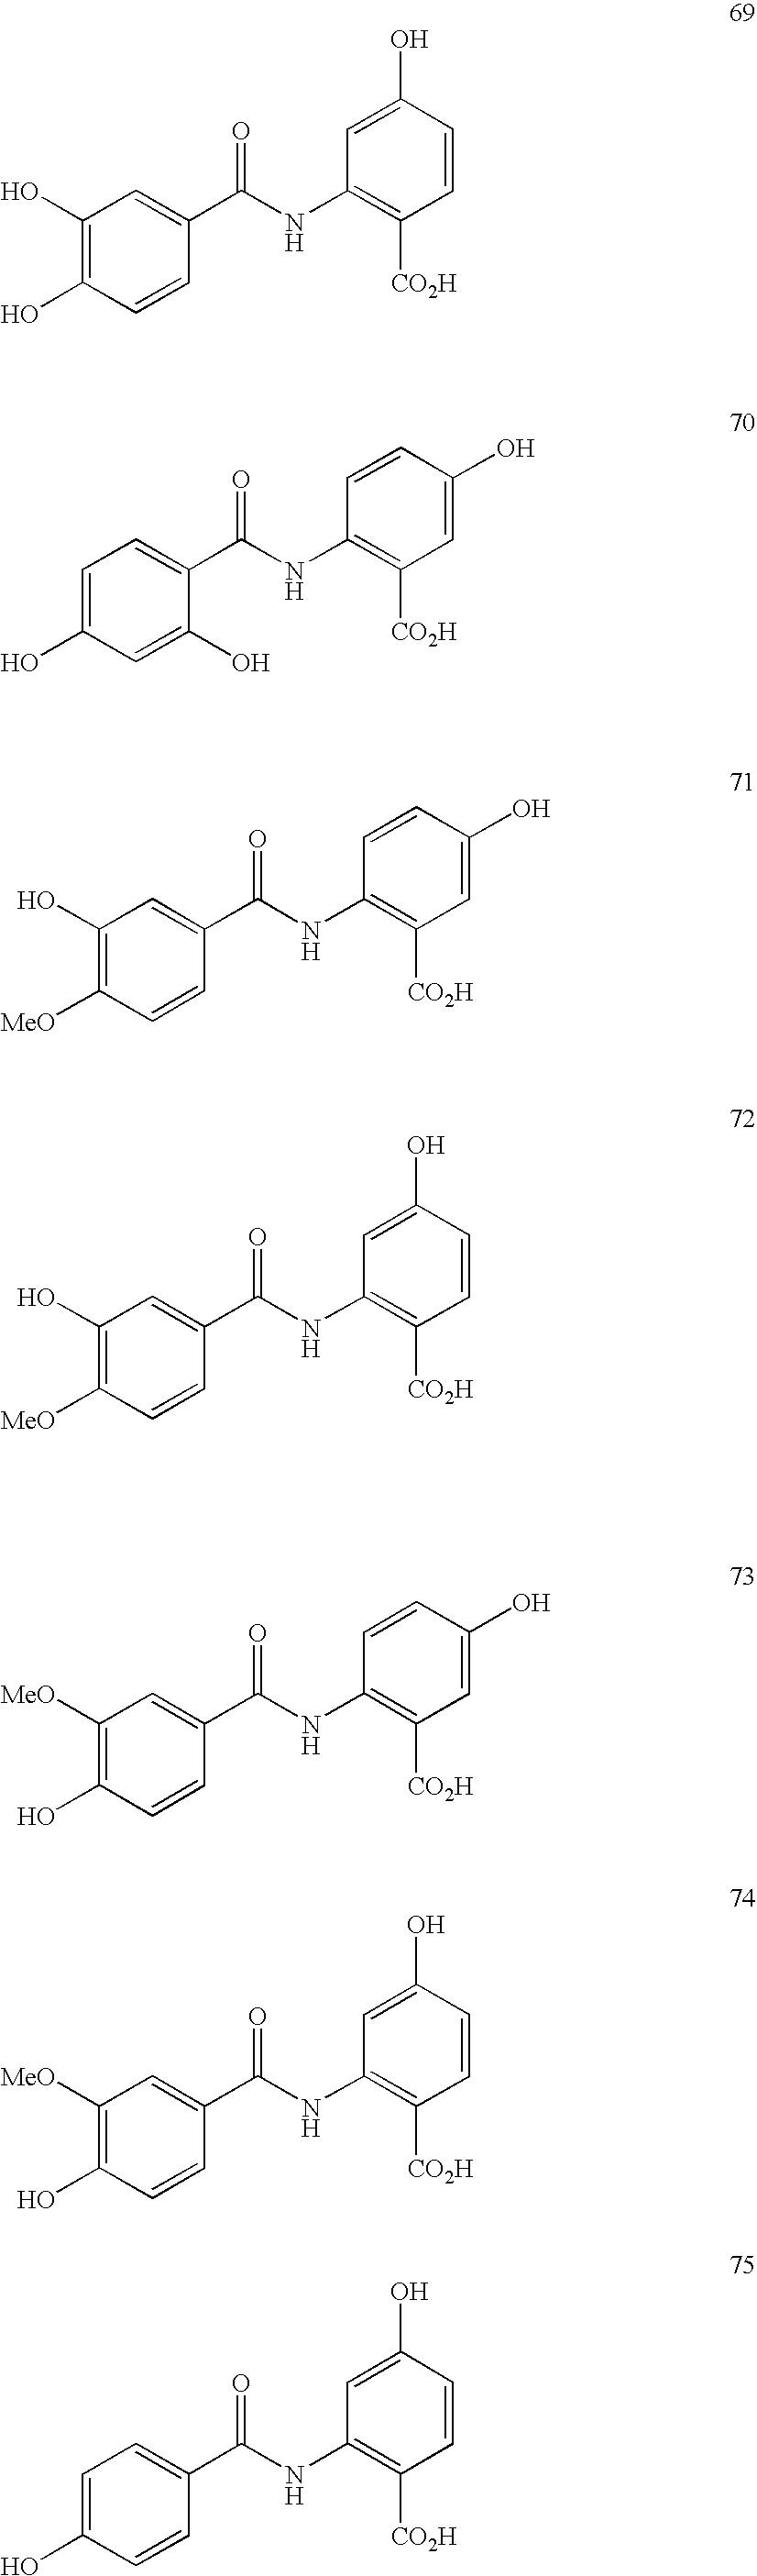 Figure US20080008660A1-20080110-C00033